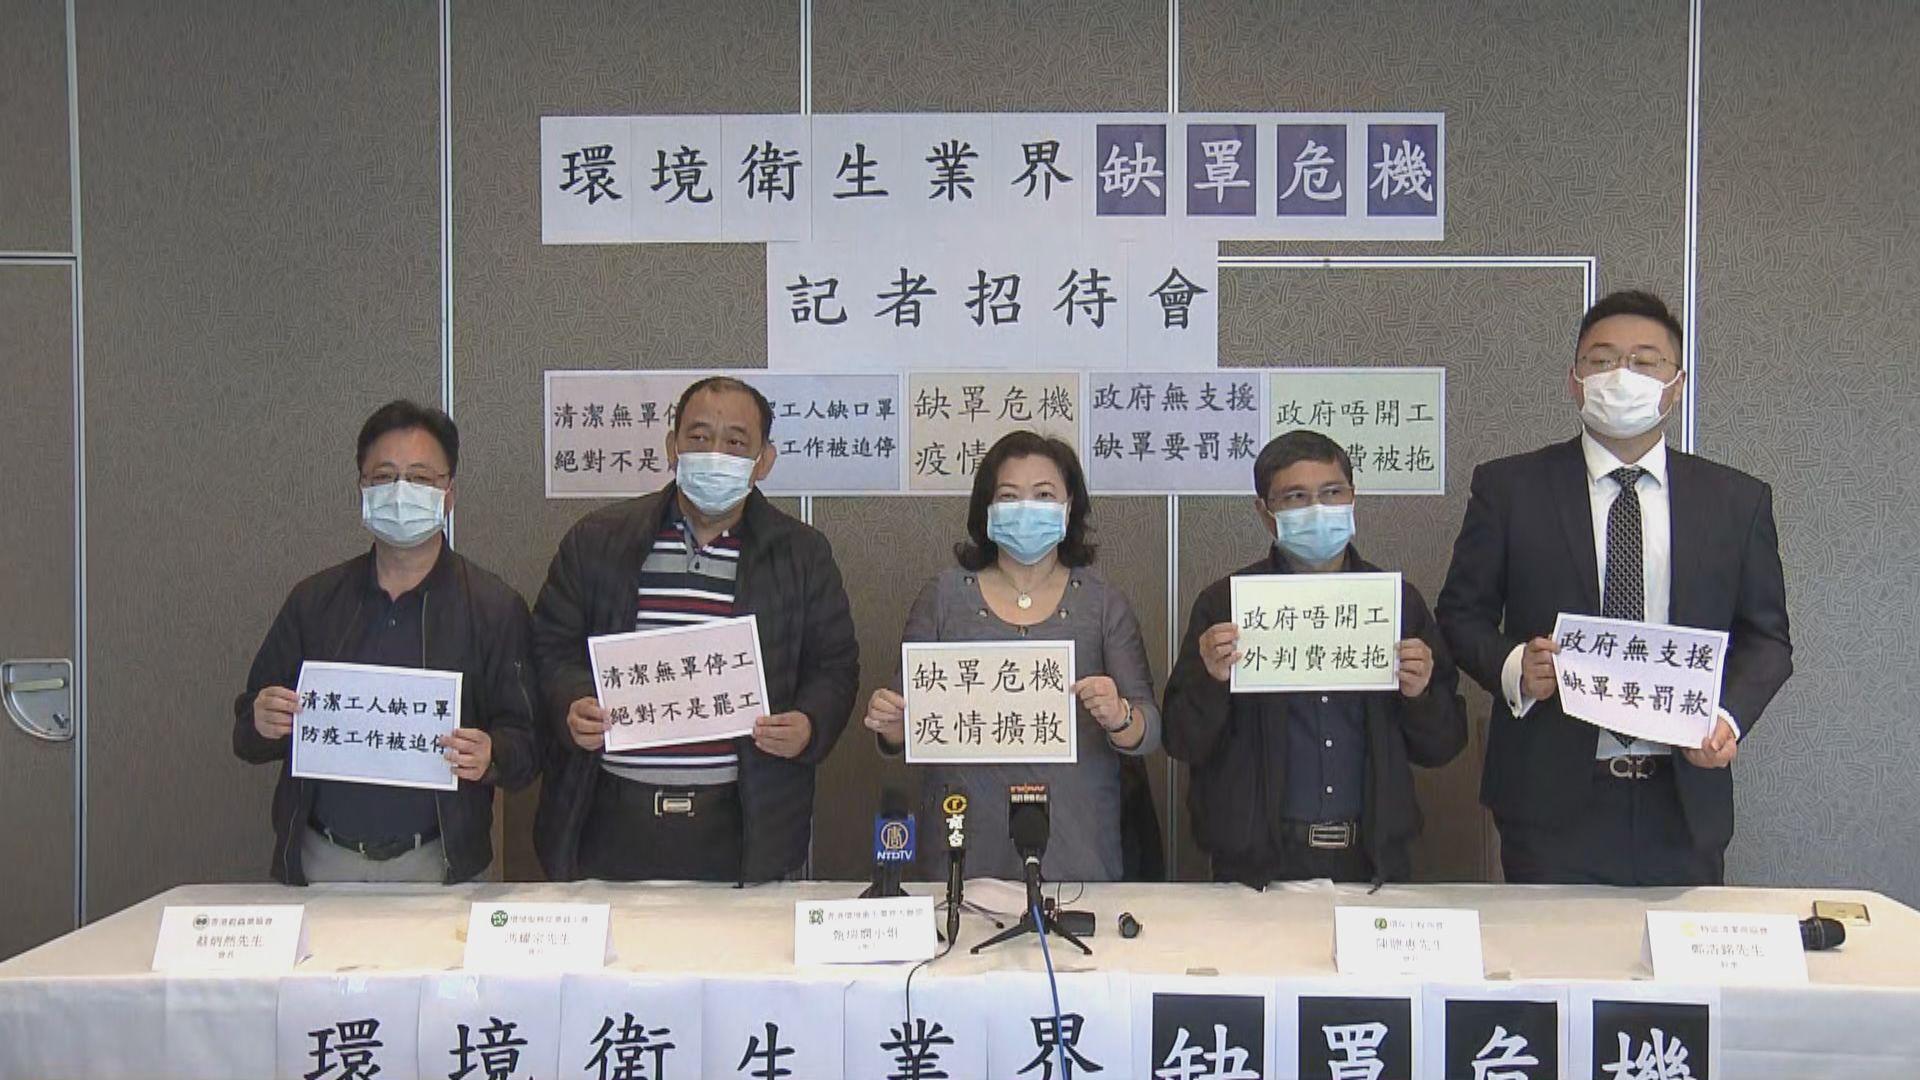 環境衞生業界促政府協助提供口罩予清潔工